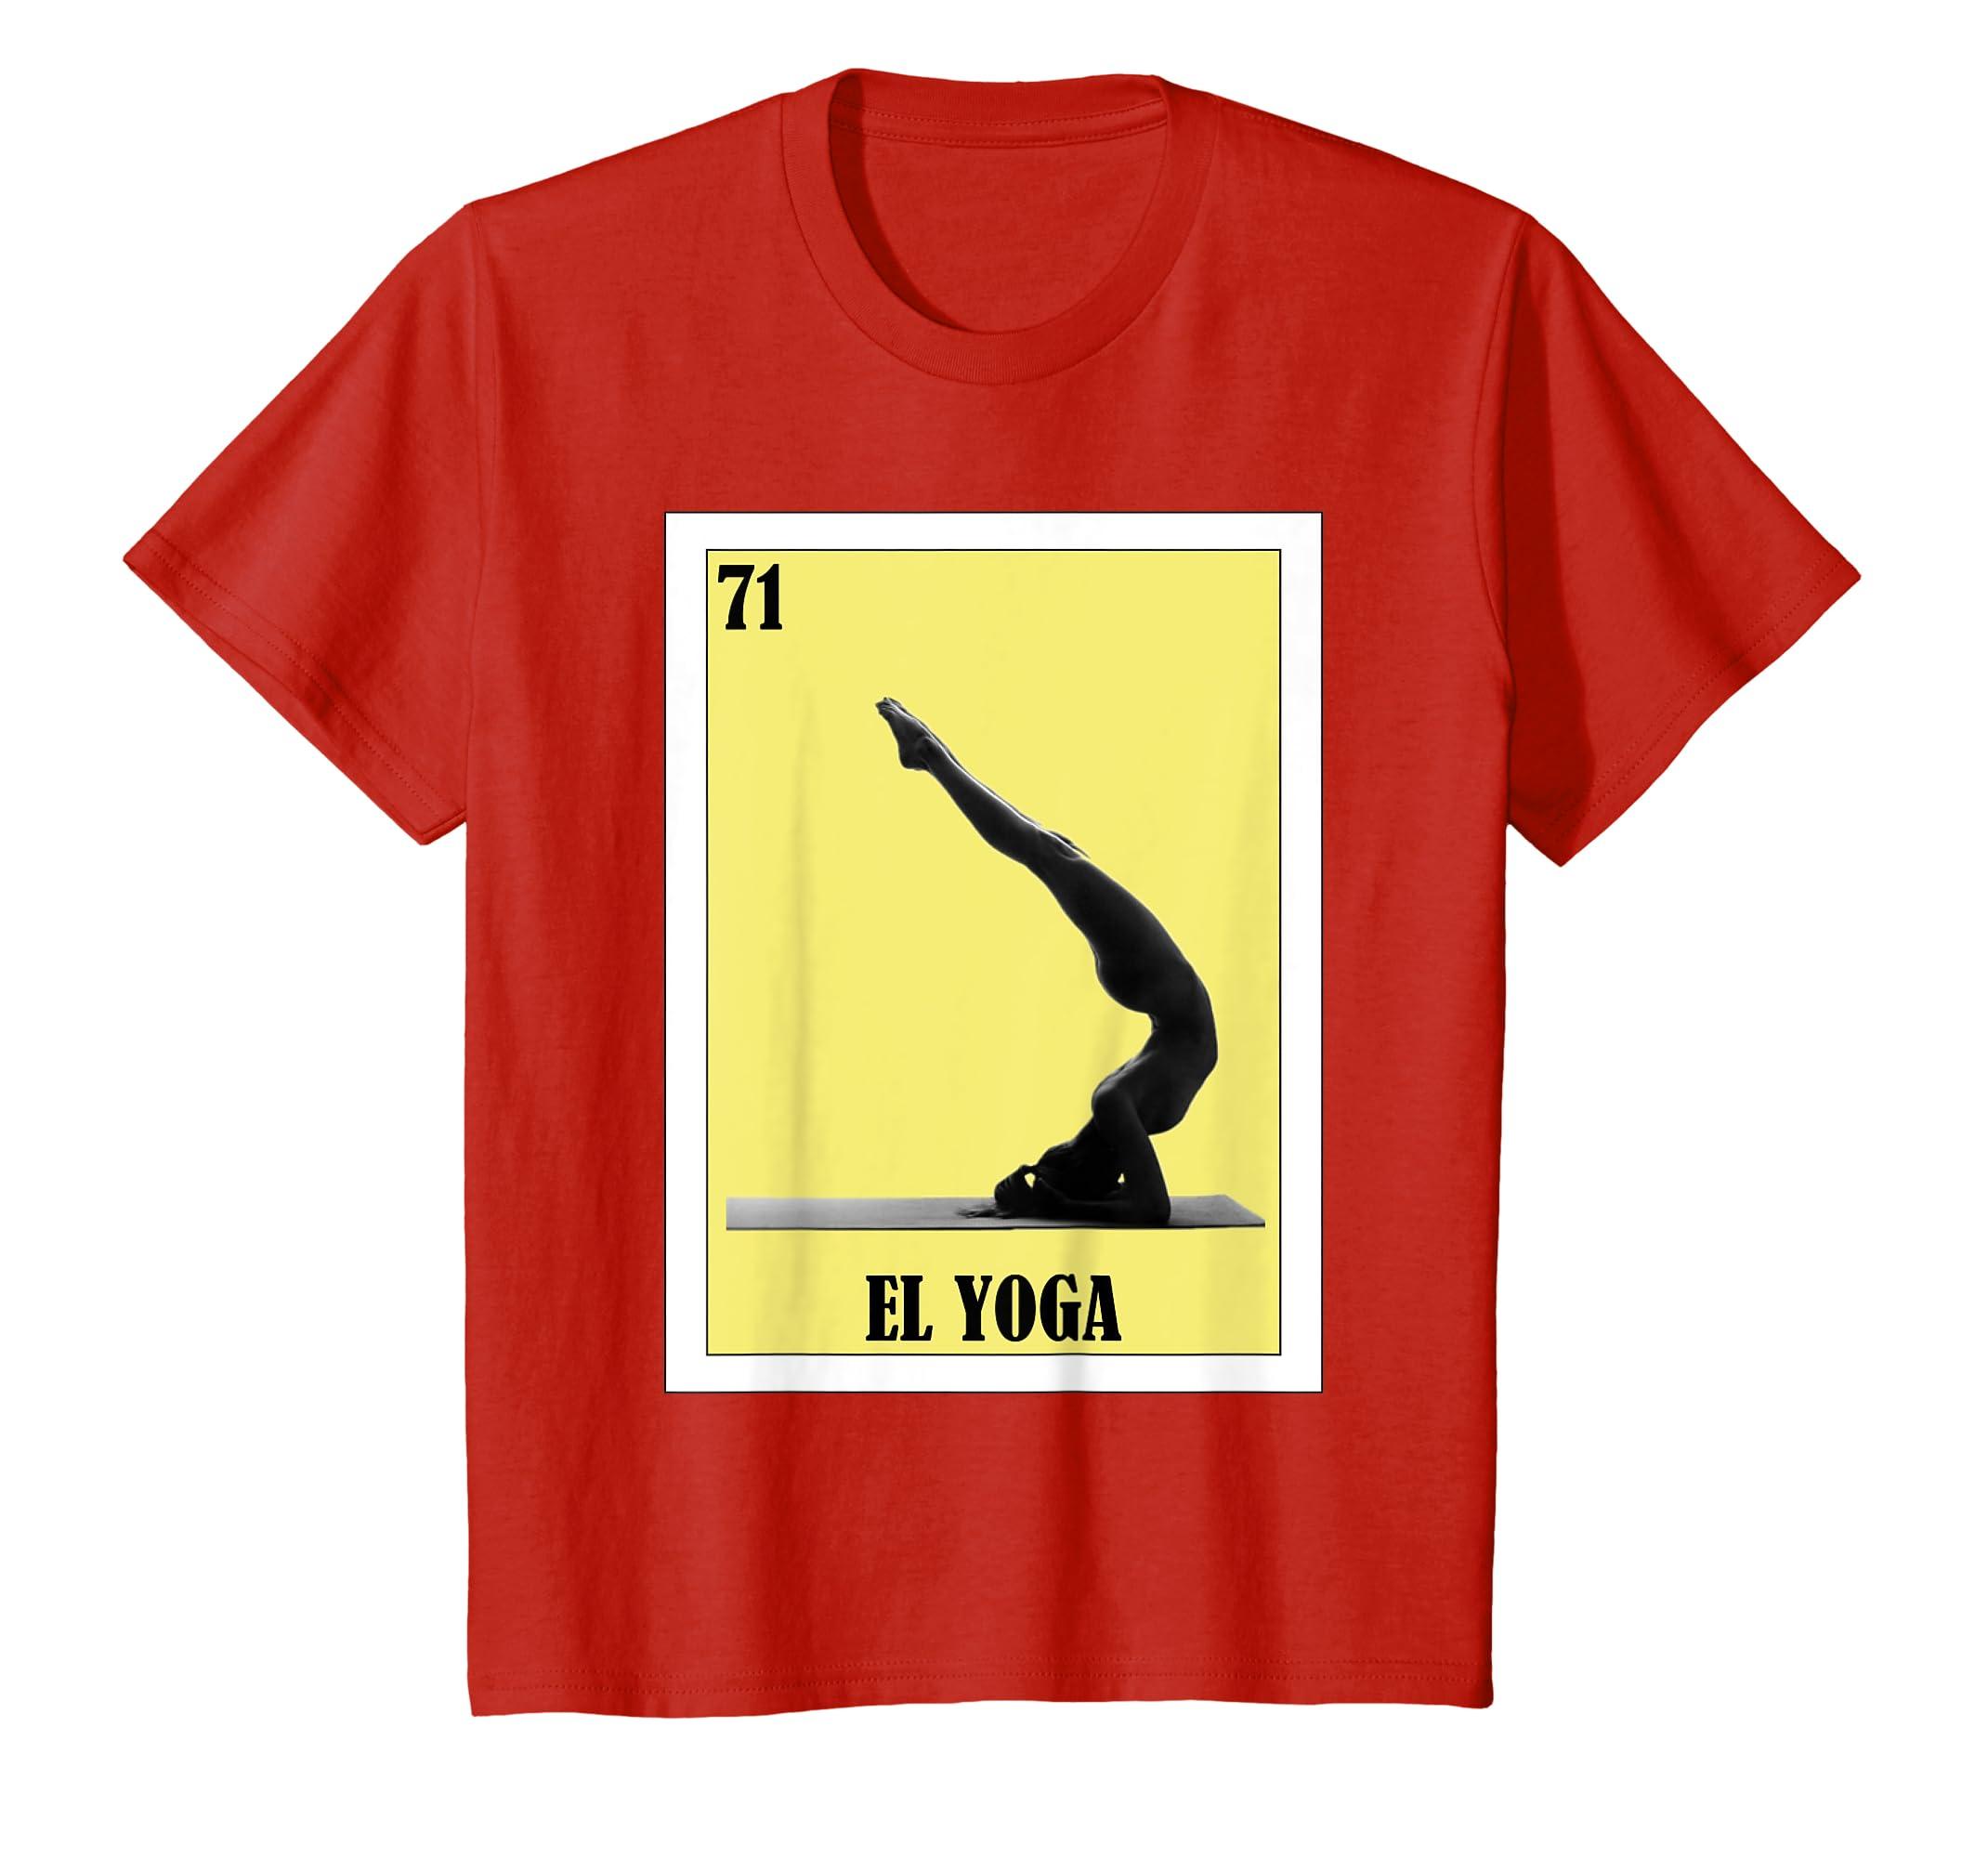 Amazon.com: Loteria Shirts - El Yoga T Shirt - Spanish Yoga ...